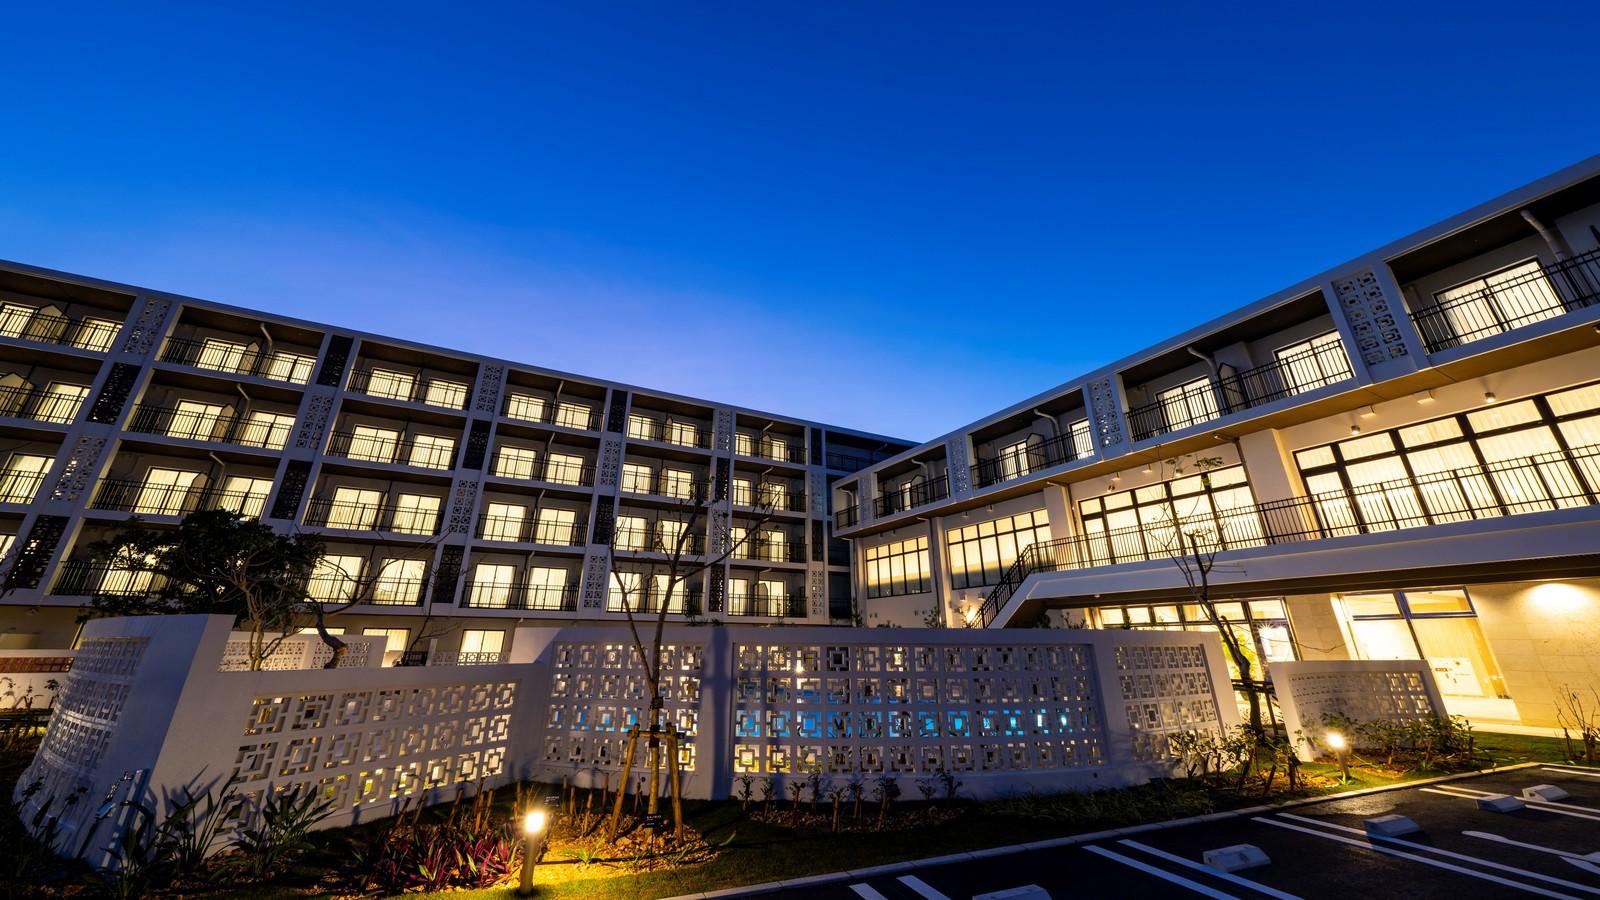 ホテル・トリフィート宮古島リゾート / <早得60日前>宮古島でのアーバンリゾートステイ!屋外パブリックプール無料(素泊まり)